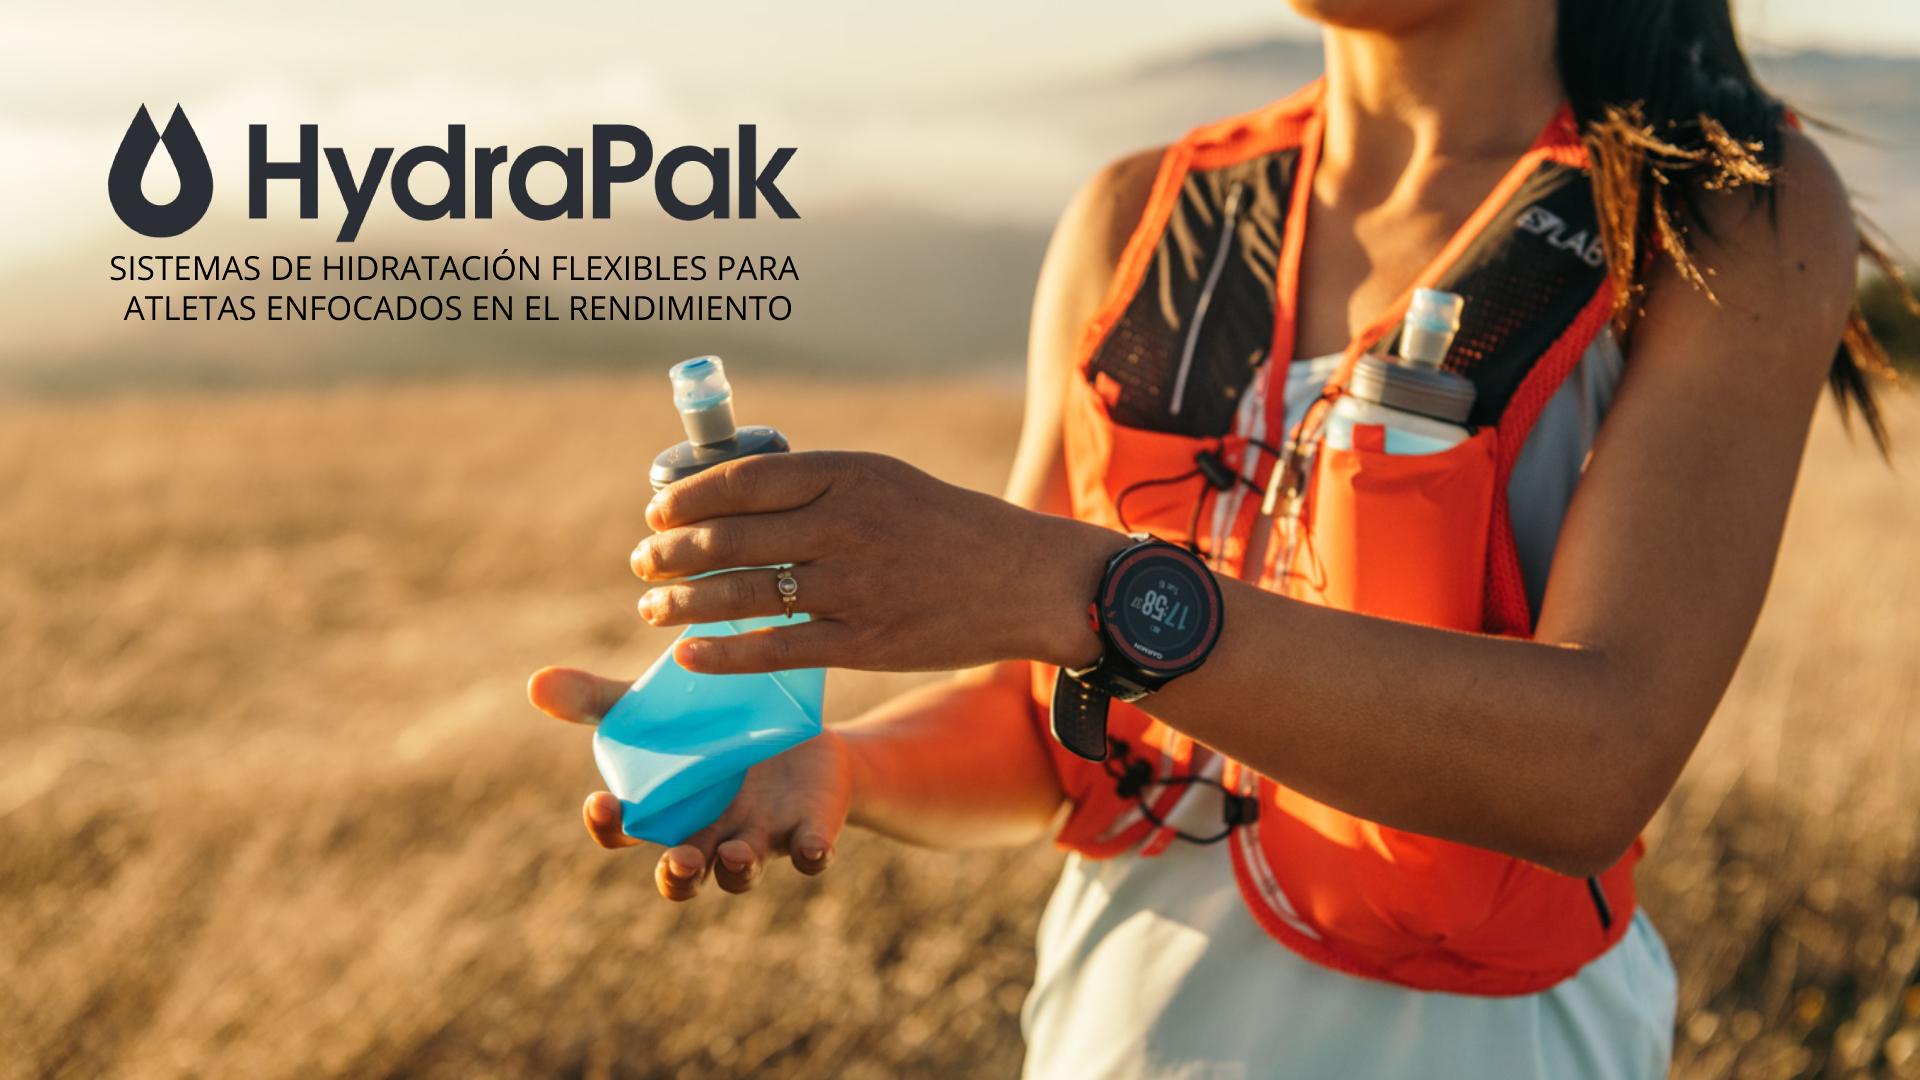 HydraPak - Sistemas de hidratación flexible